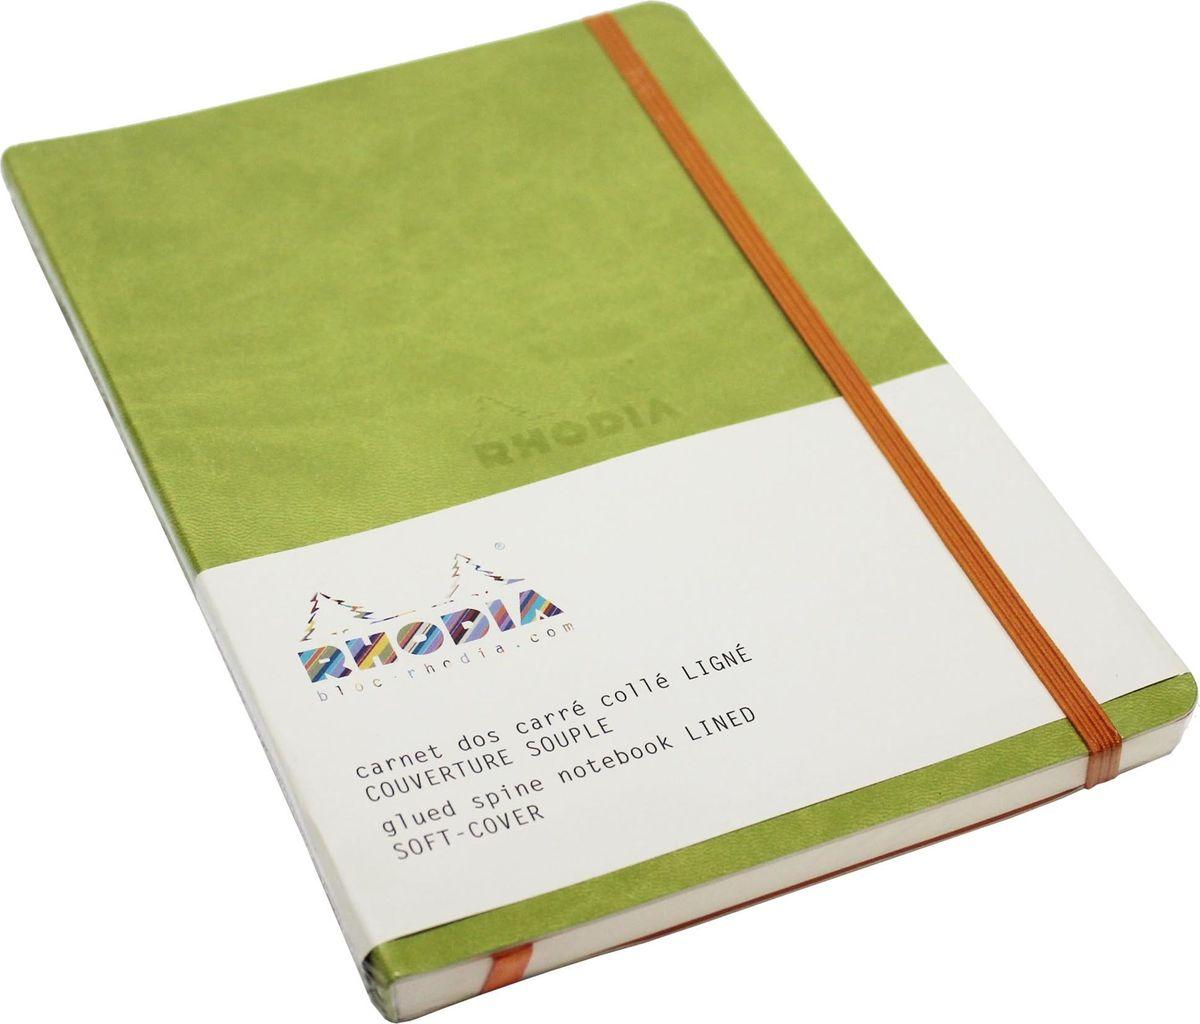 Rhodia Записная книжка 80 листов в линейку цвет зеленый117406СЯркая записная книжка в мягкой зеленой обложке из искусственной итальянской кожи со сгруленными краями прекрасно подойдет для повседневных заметок: 160 страниц гладкой бескислотной линованной бумаги (целлюлоза 100%) цвета слоновой кости плотностью 90 гр/м2. Дополнительные характеристики:- швейное крепление;- шелковая закладка-ляссе;- фиксирующая резинка;- индивидуальная полиэтиленовая упаковка;- разметка: портретная;